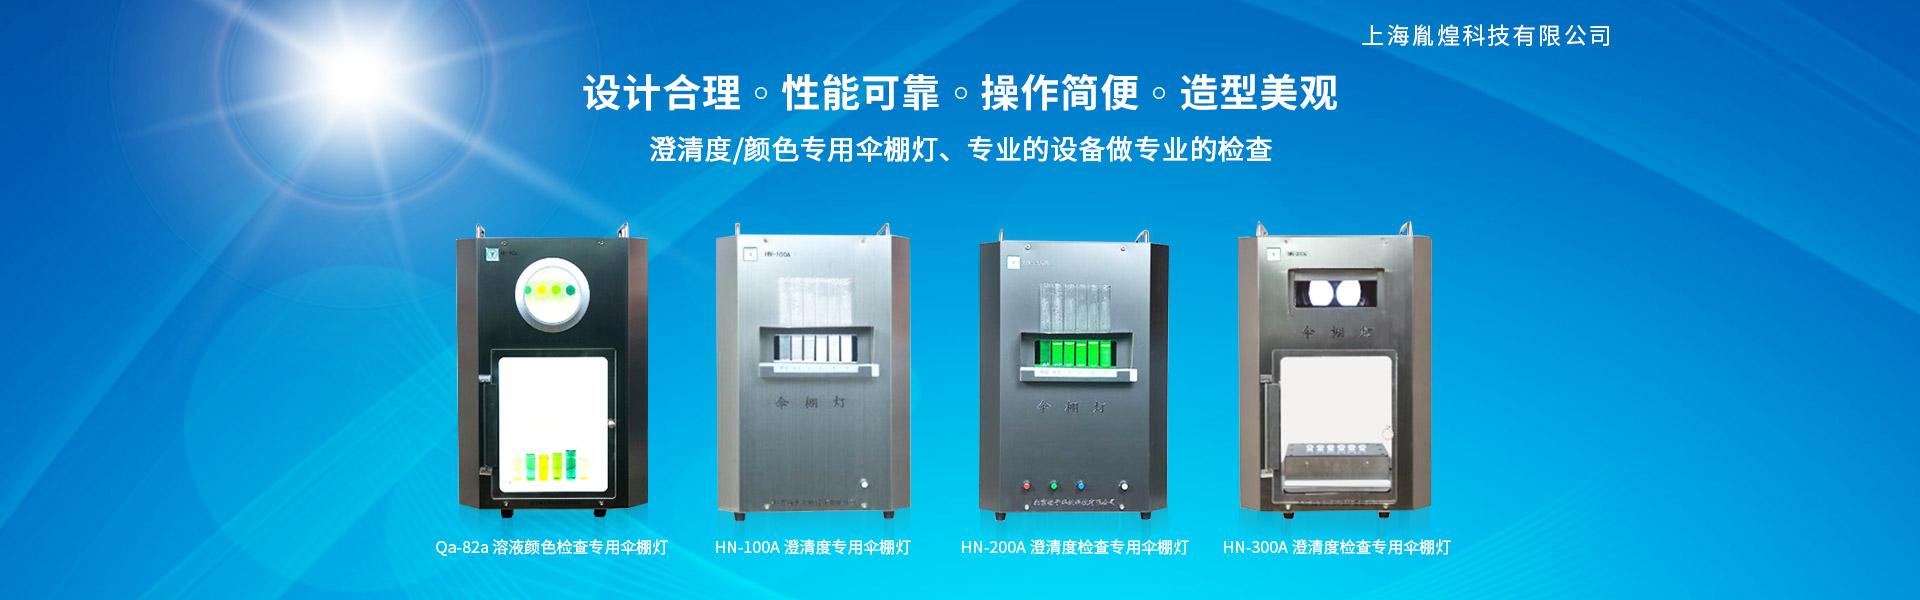 上海胤煌科技有限公司